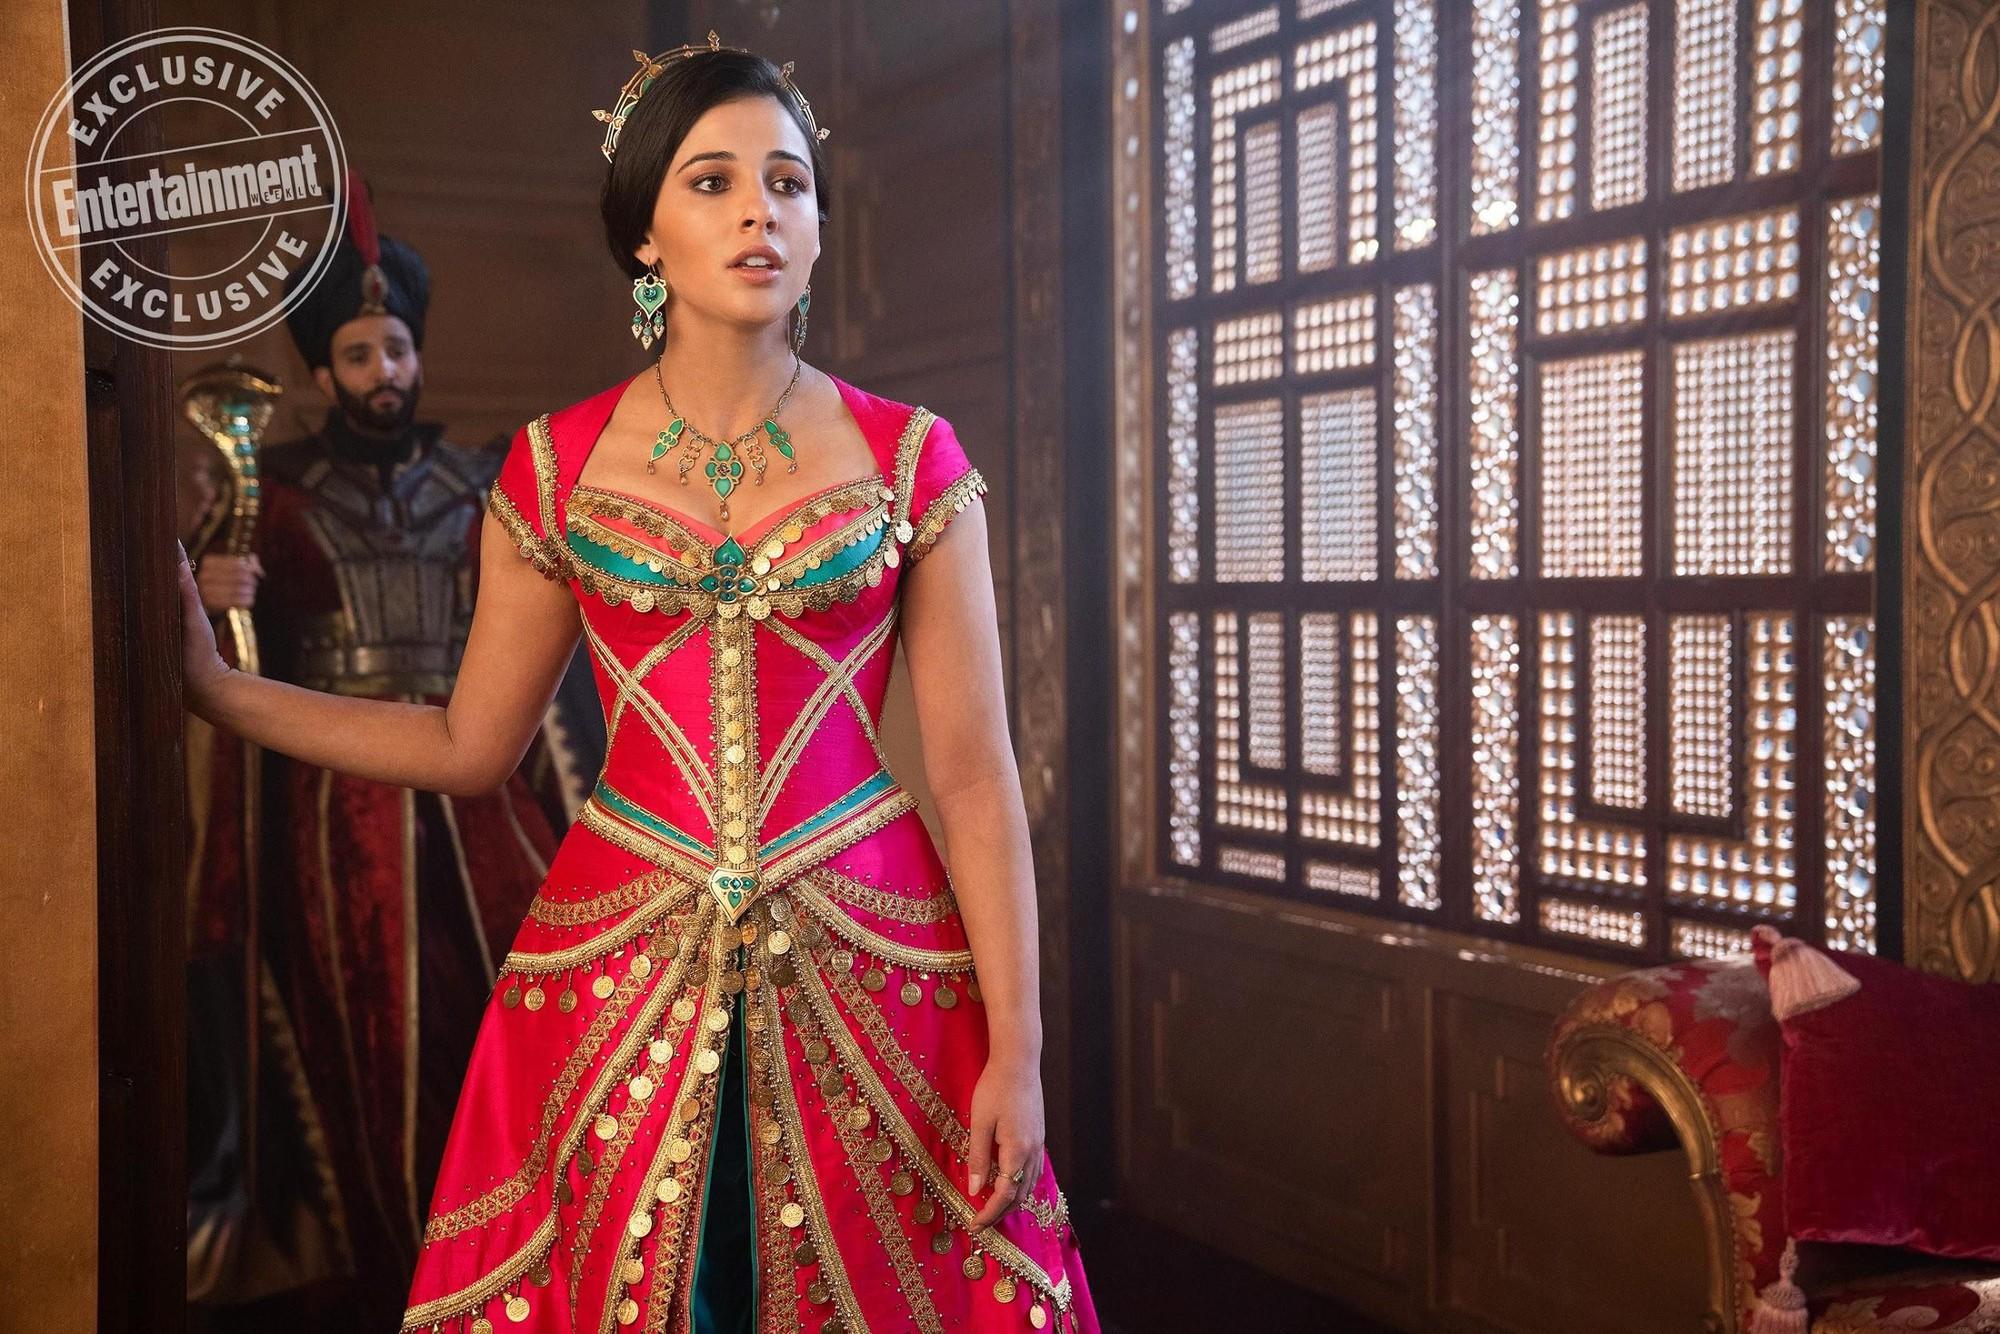 Ngộ chưa kìa, fan của Aladdin háo hức nghe phần tiếng còn hơn cả xem phần hình! - Ảnh 8.